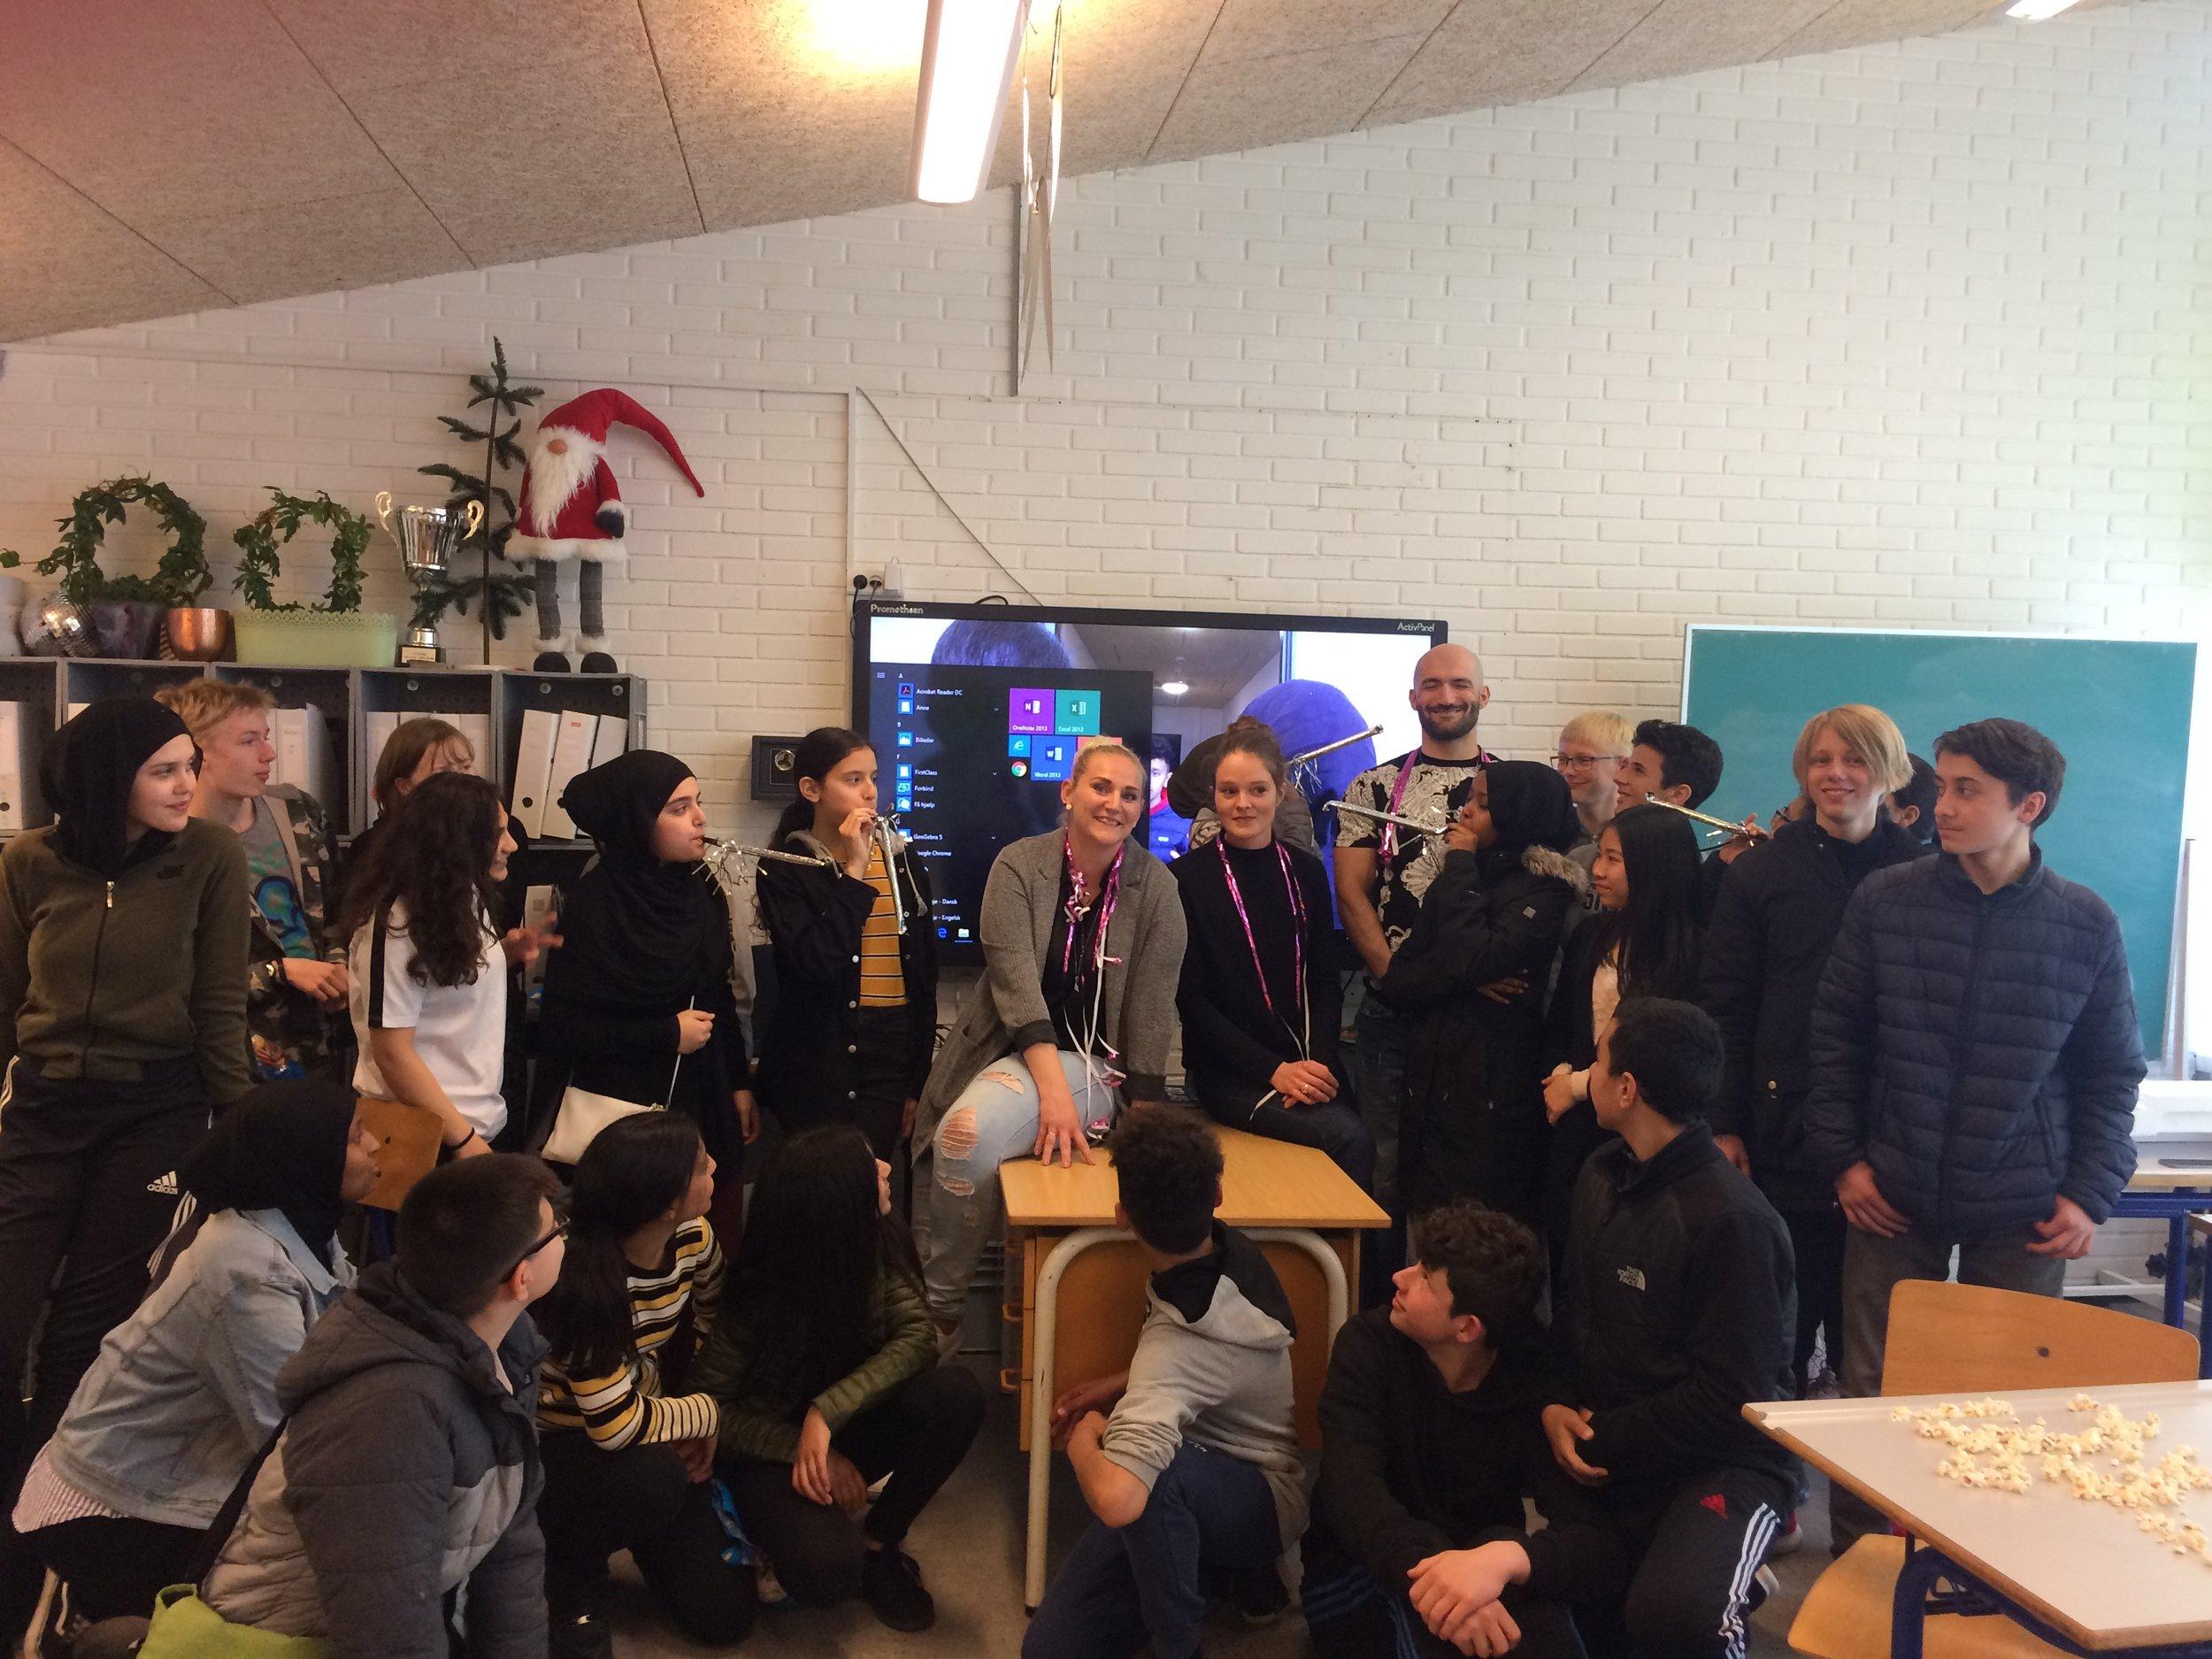 Her har vi et gruppebillede af alle eleverne og os fra Gellerup Filmværksted: projektkoordinator Sidsel Østergaard, projektleder: Josephine marie Bülow og filmarbejder Cihad Ata.